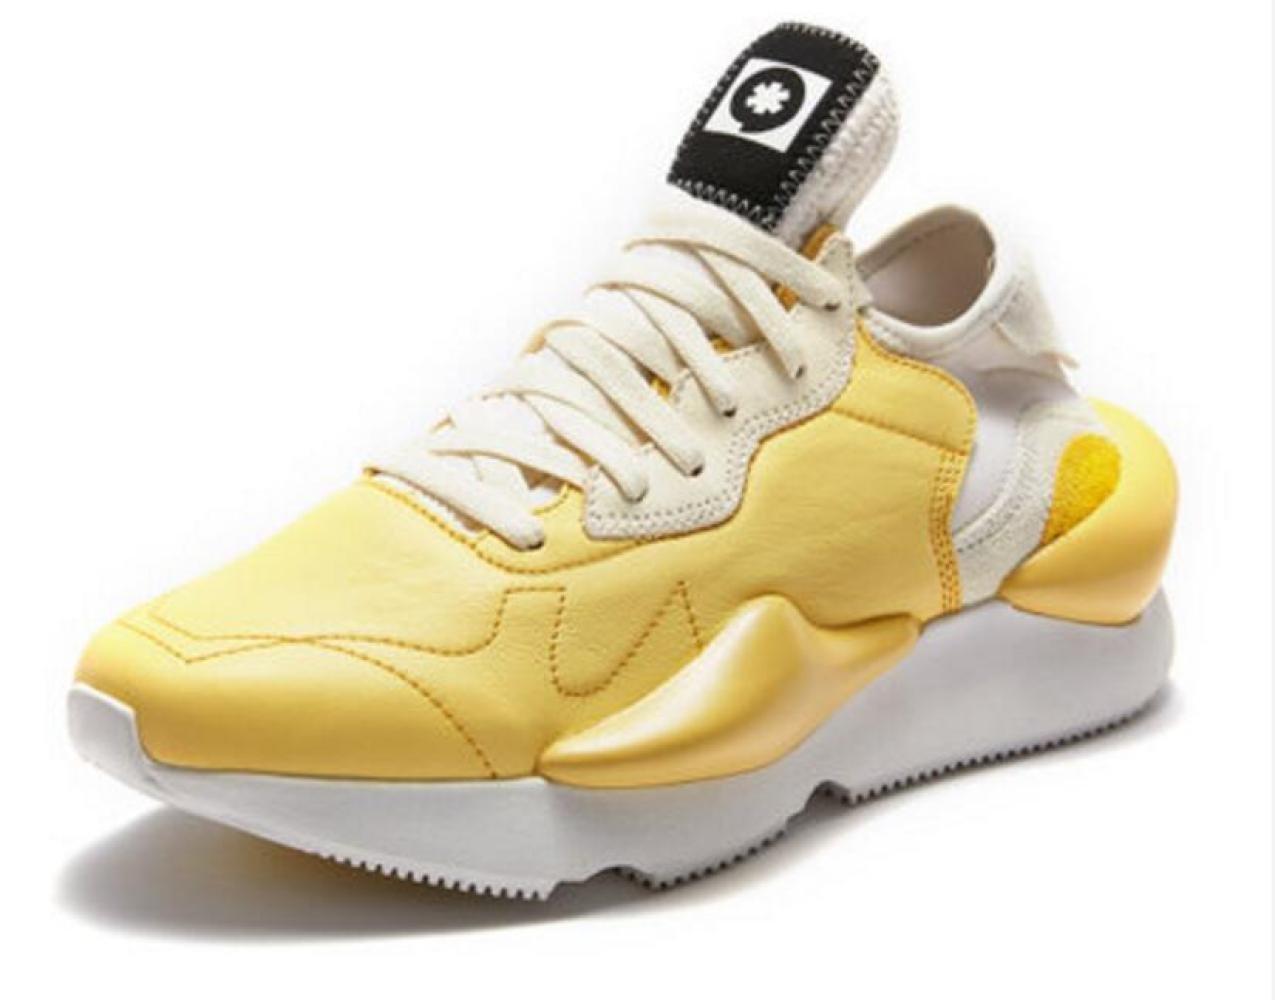 ZFNYY Zapatos para los 5007 Aumentar la Altura B015OE0RZY de los Hombres  Zapatos para Correr Deportivos universitarios Suela Gruesa Juvenil Yellow  29ec914 221b5733aba4